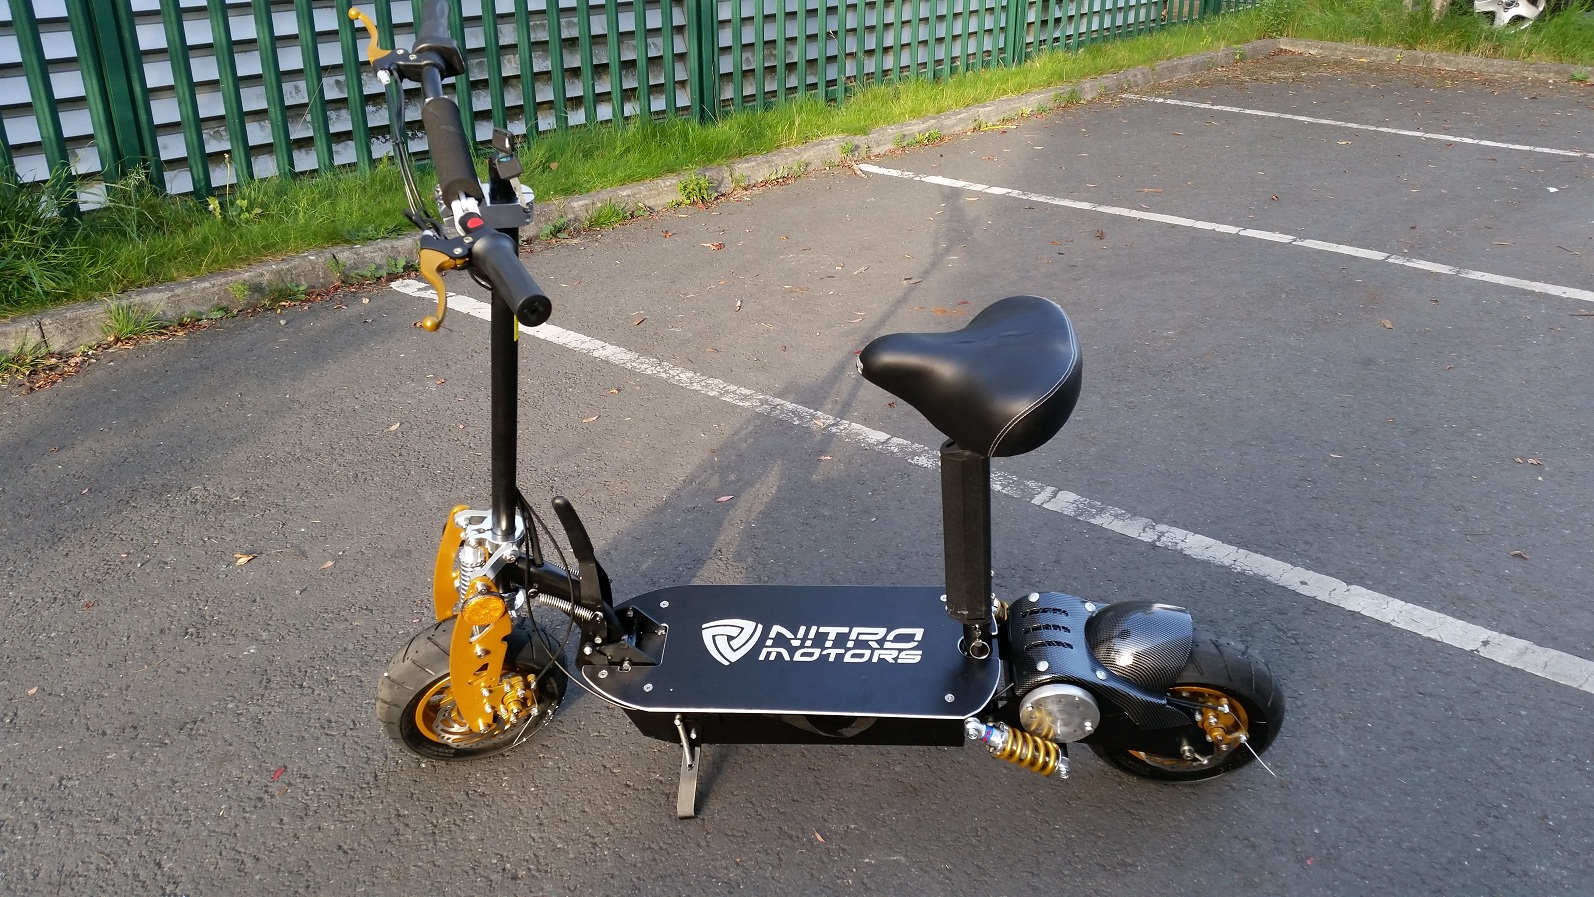 twister electric scooter 1000w 36v 3x12v batteries. Black Bedroom Furniture Sets. Home Design Ideas